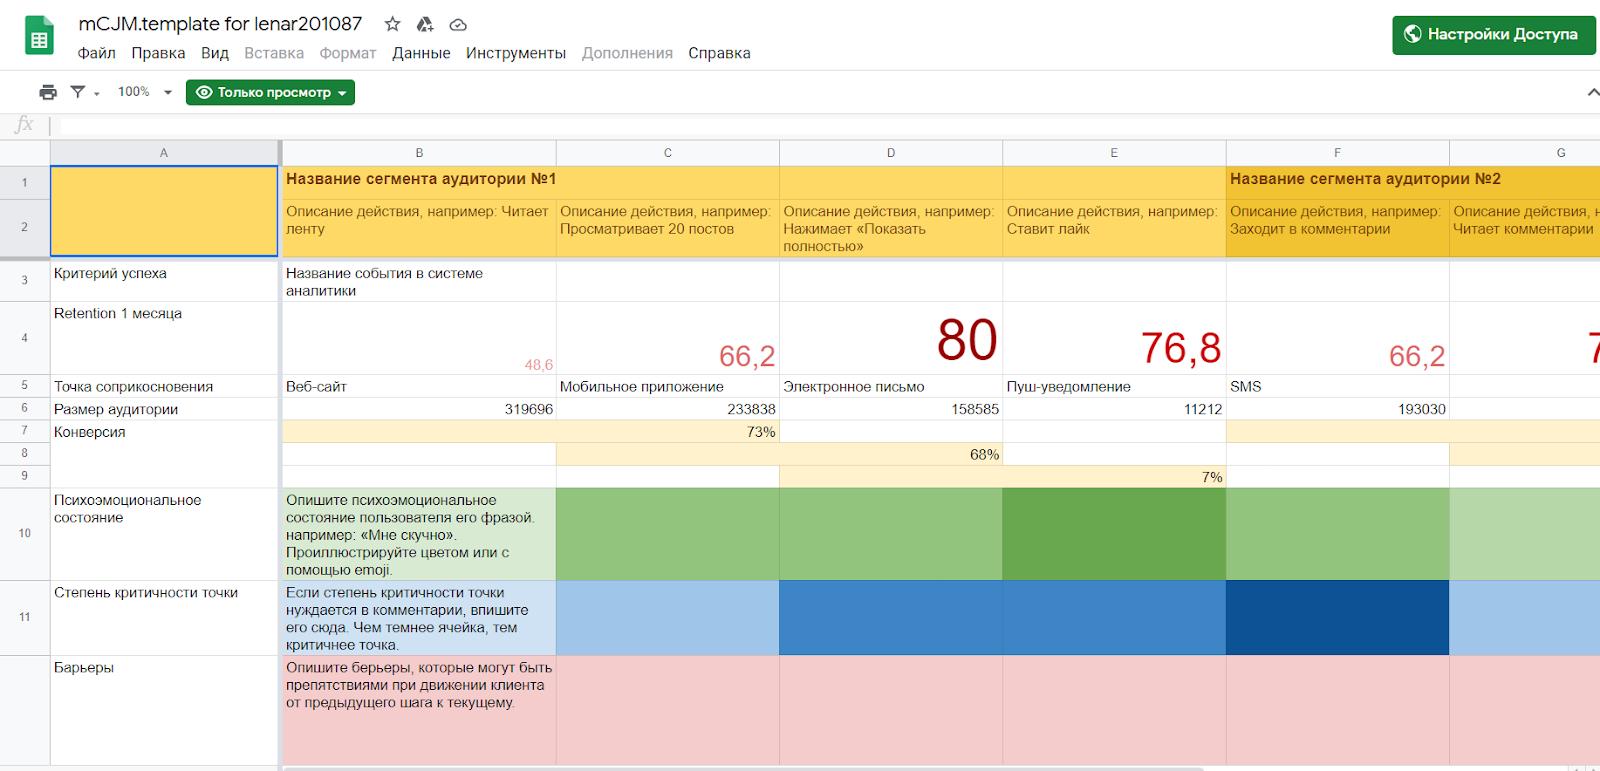 А это мой шаблон для создания пути клиента в Google-таблицах